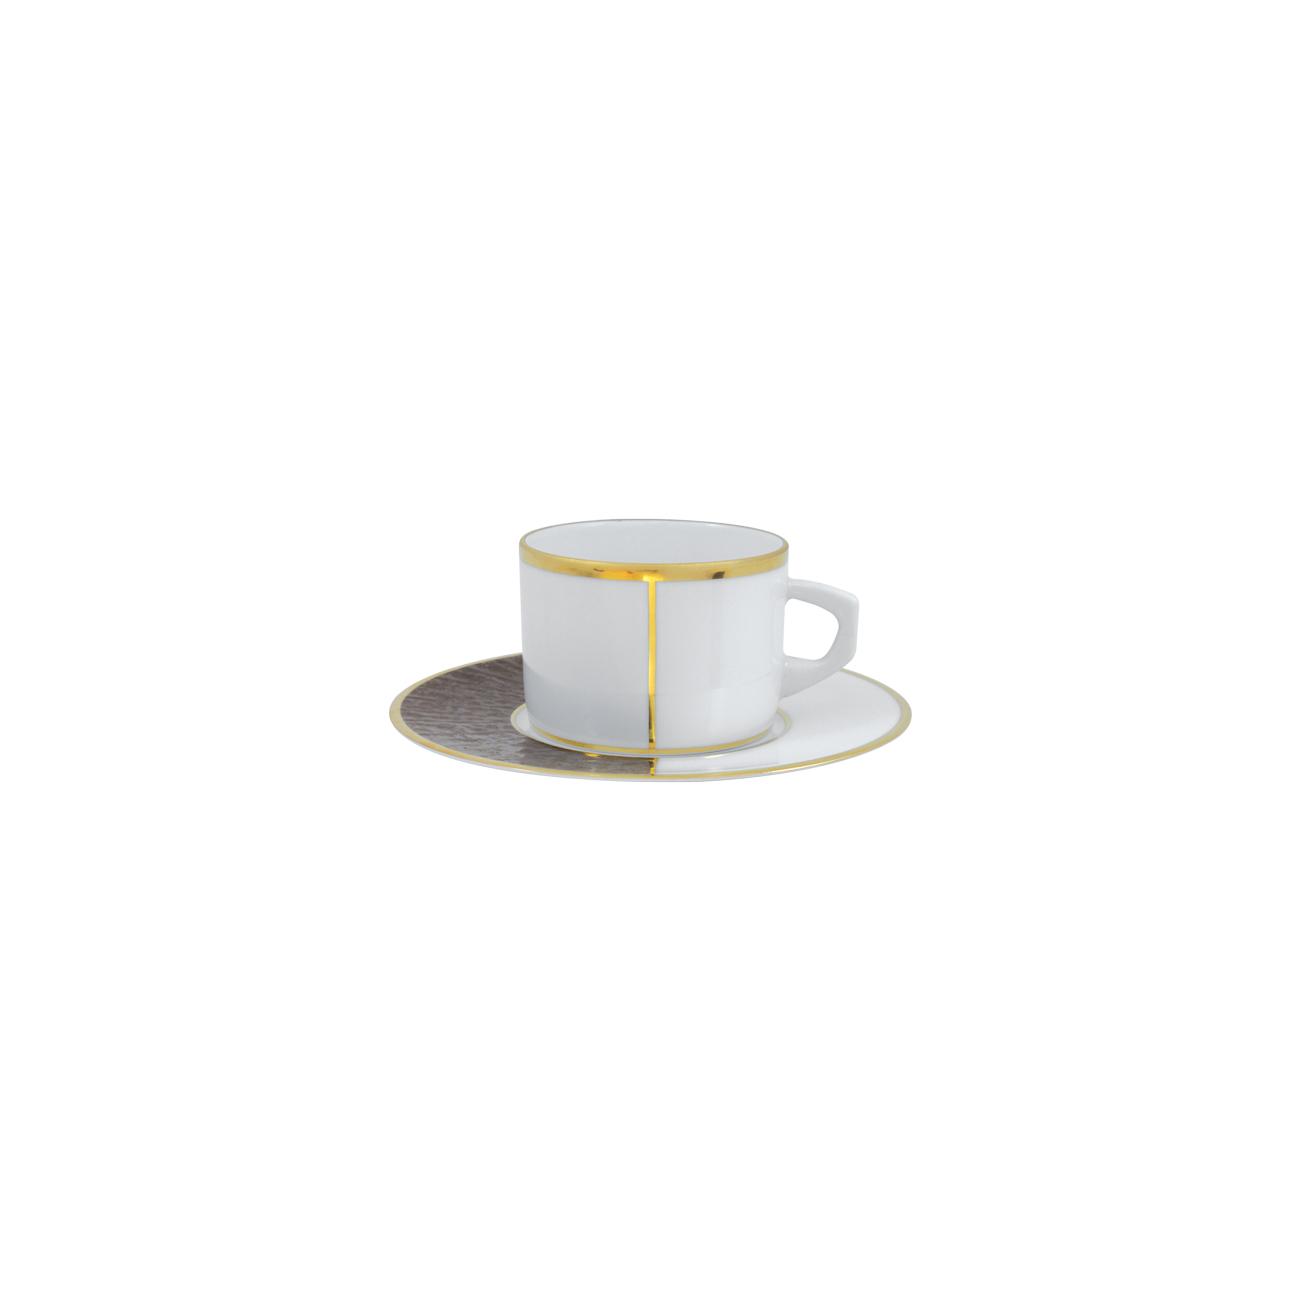 Chávena Chá 23cl New Alma + Pires Chá 16cm Myth 0